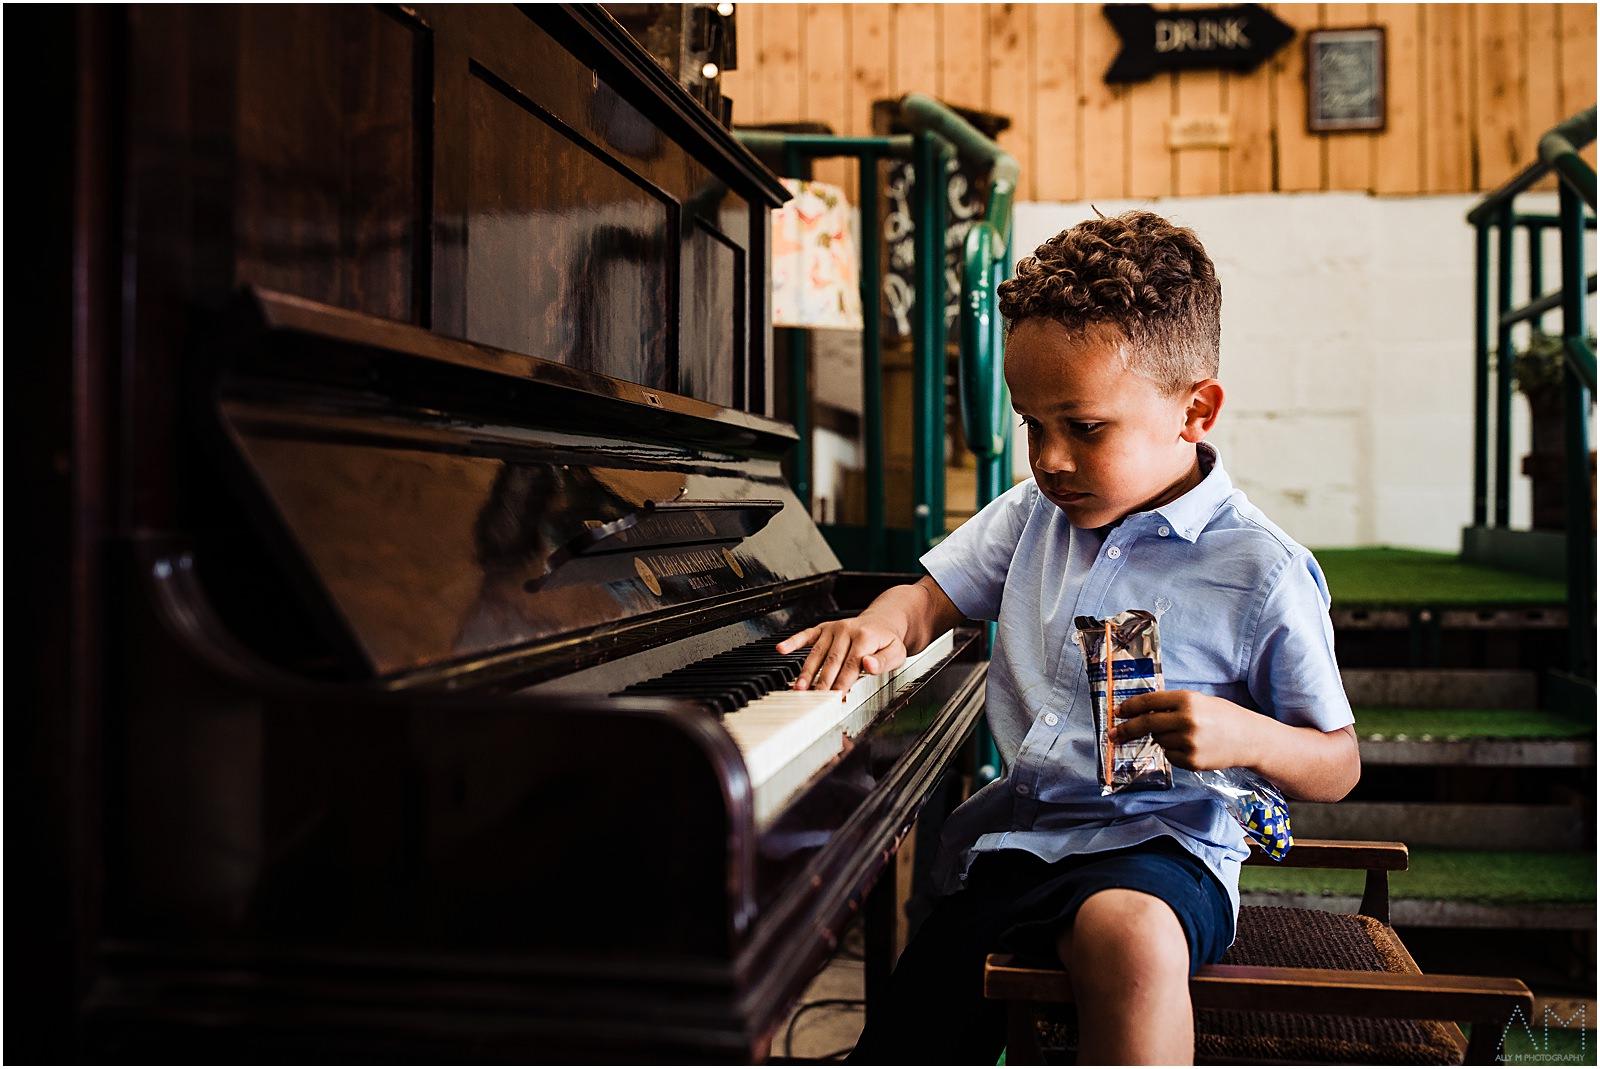 little boy on a piano